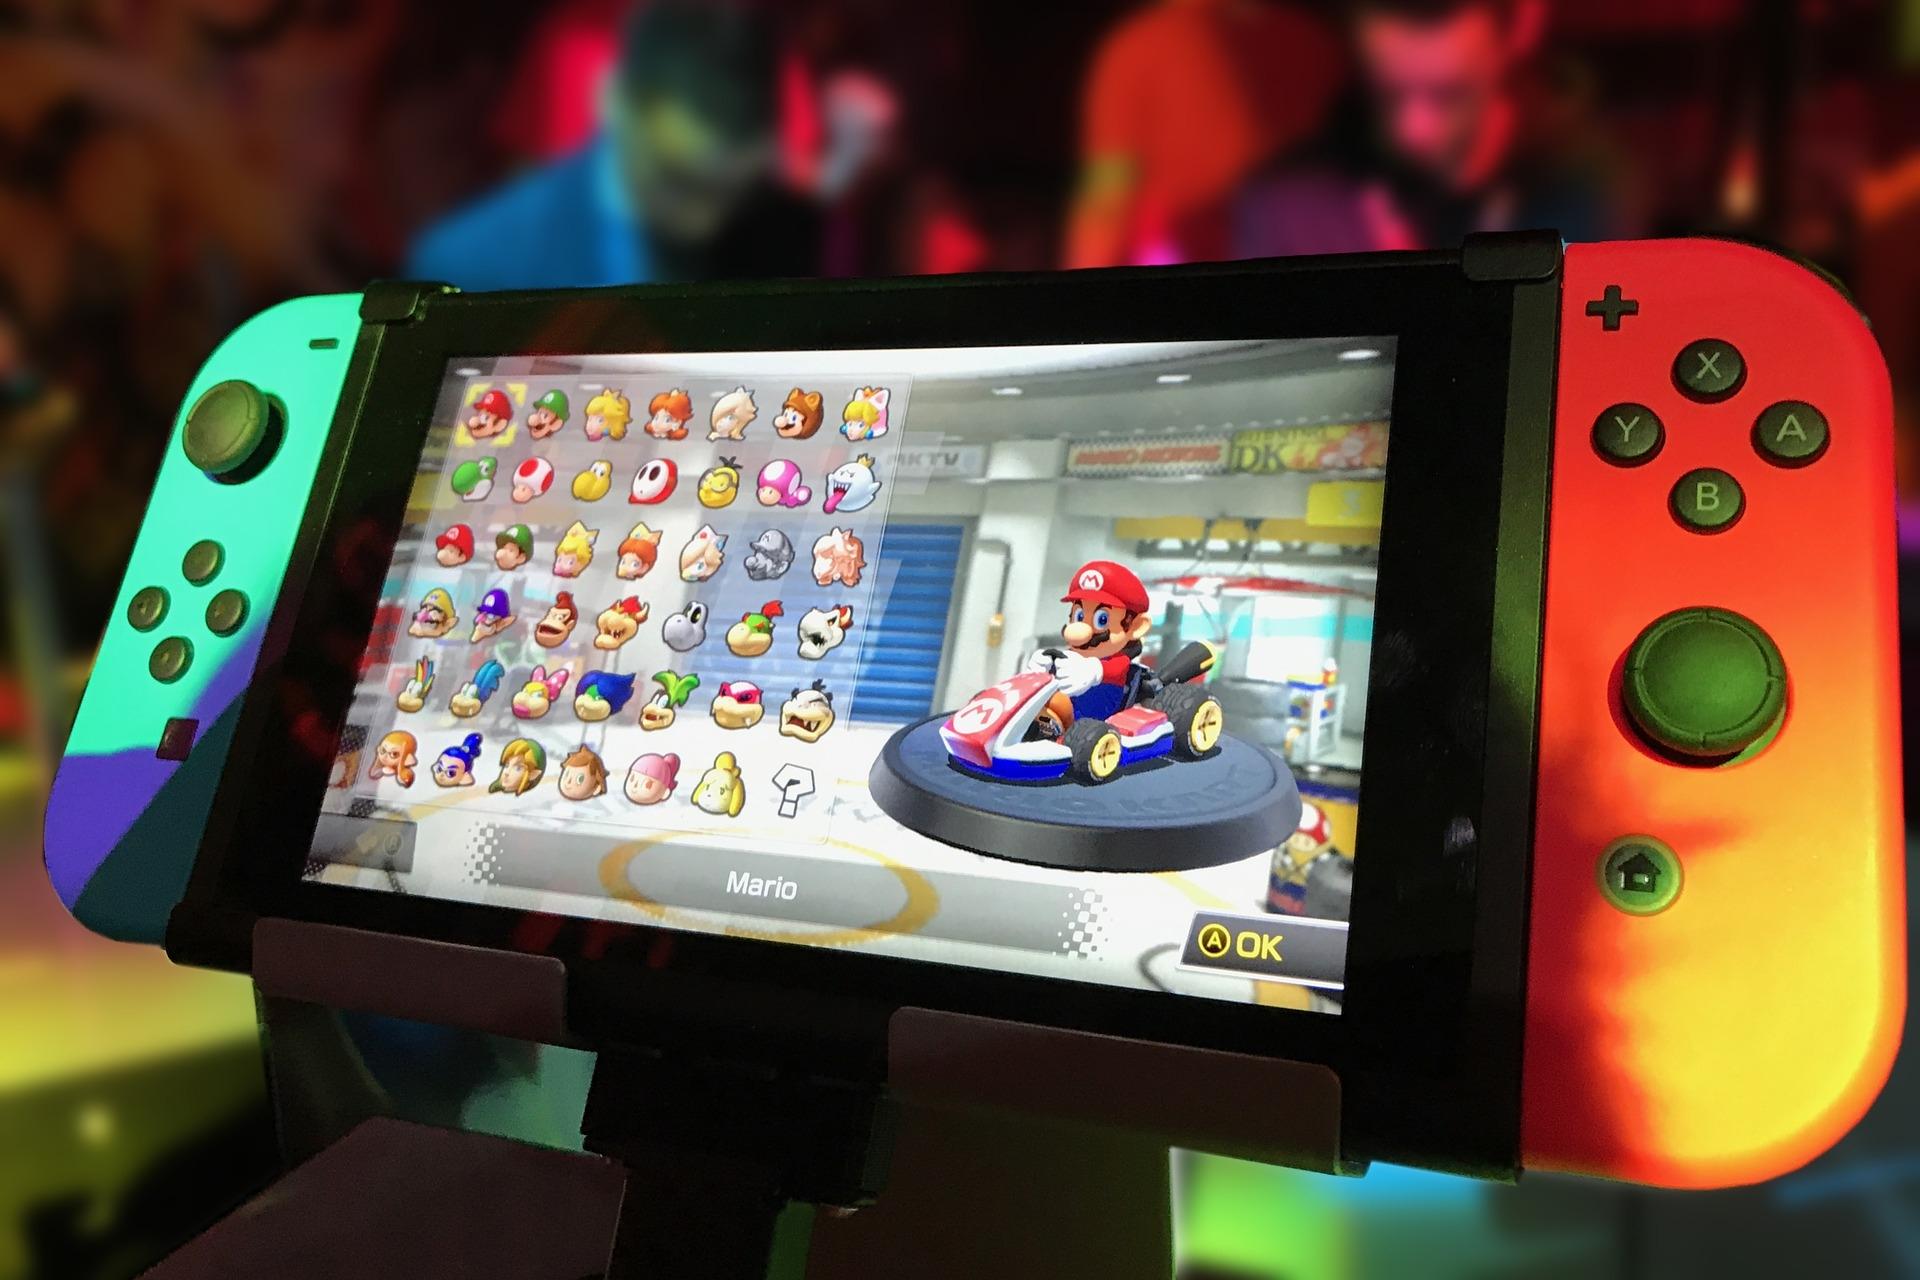 Games devem ser tributados como software, decide Justiça